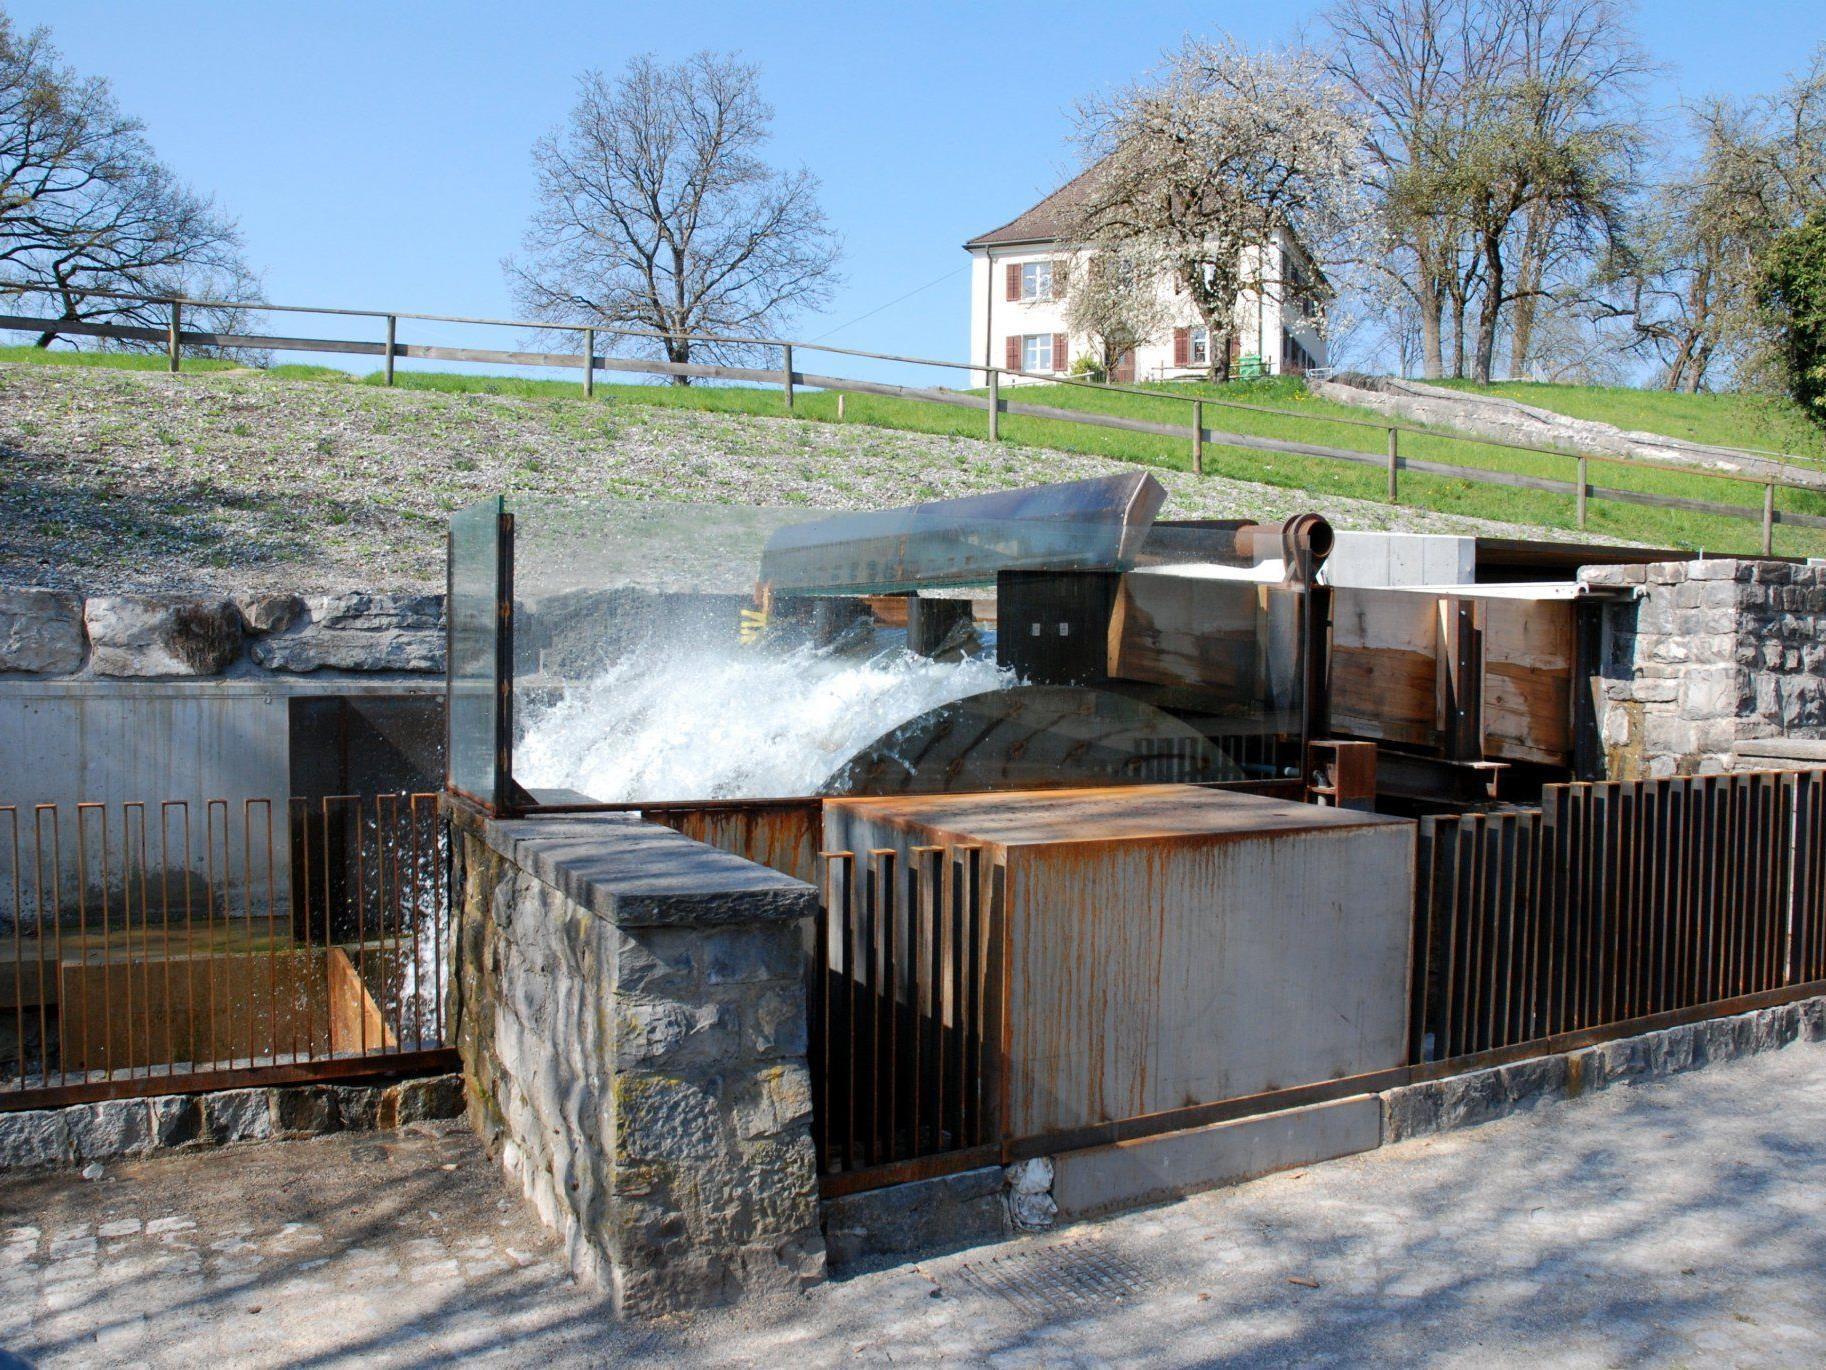 Das neu errichtete Wasserrad im Ortszentrum ist zu einem tollen Blickfang geworden